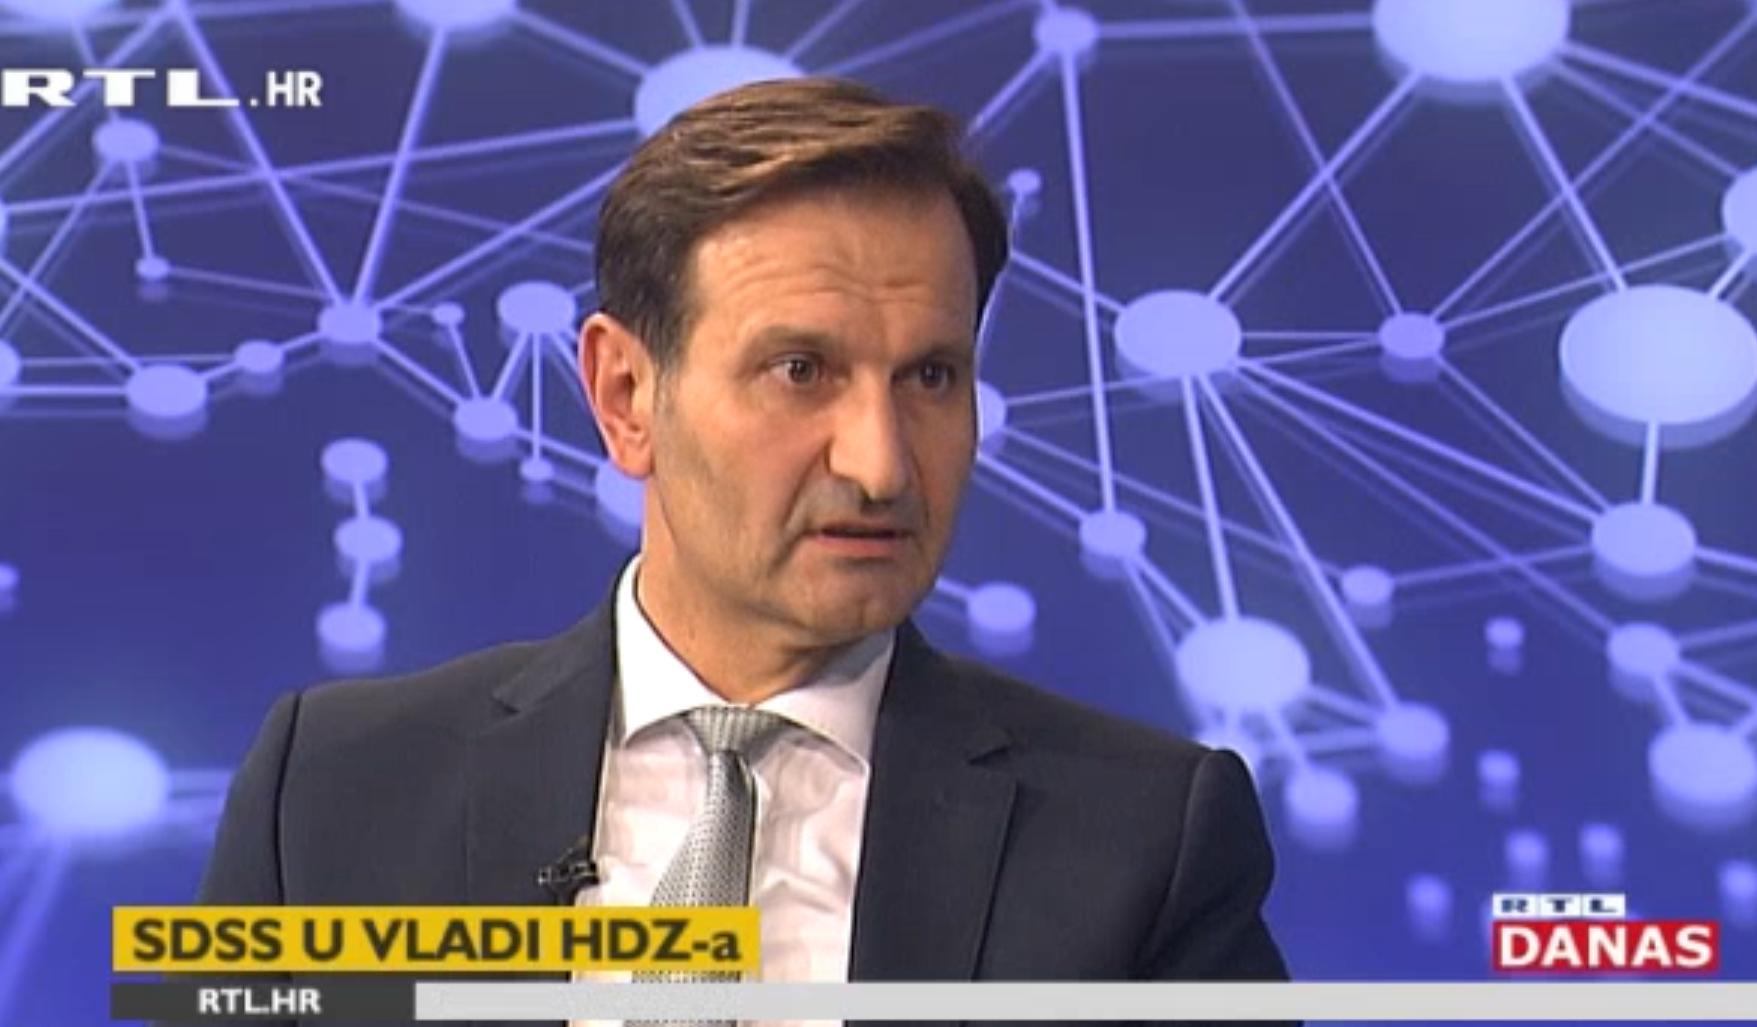 Miro Kovač najavio je da će se kandidirati za šefa HDZ-a: 'Neće Plenković pobijediti, ja ću!'